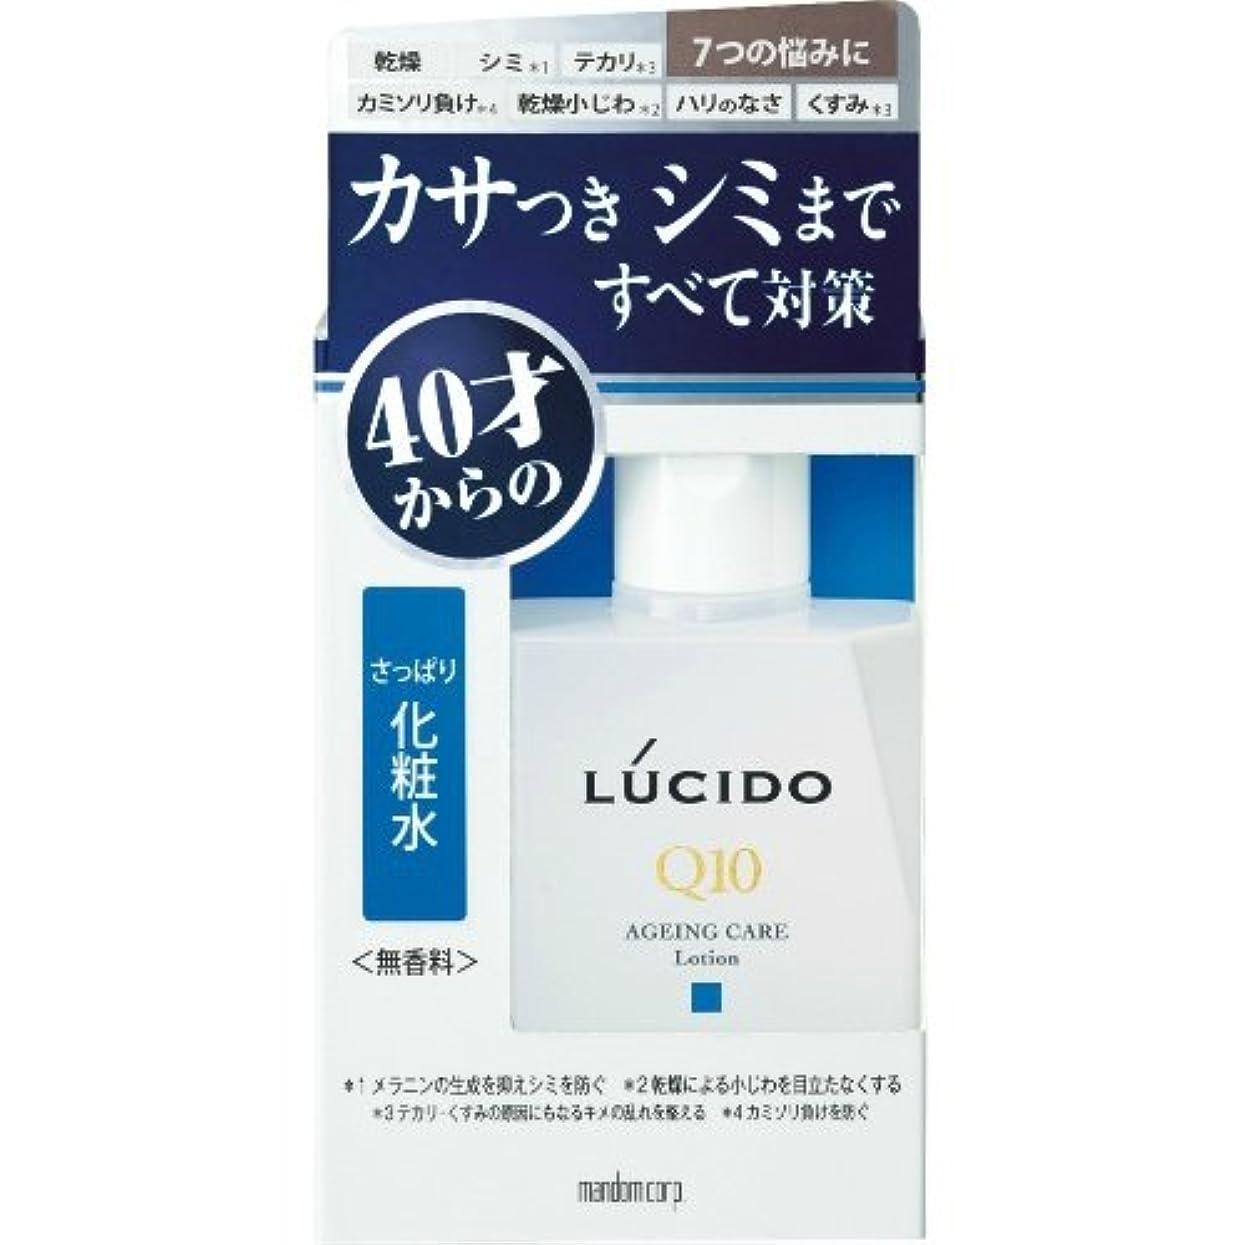 哺乳類光光MANDOM マンダム ルシード 薬用トータルケア さっぱり化粧水 無香料 110ml ×036点セット(4902806107296)